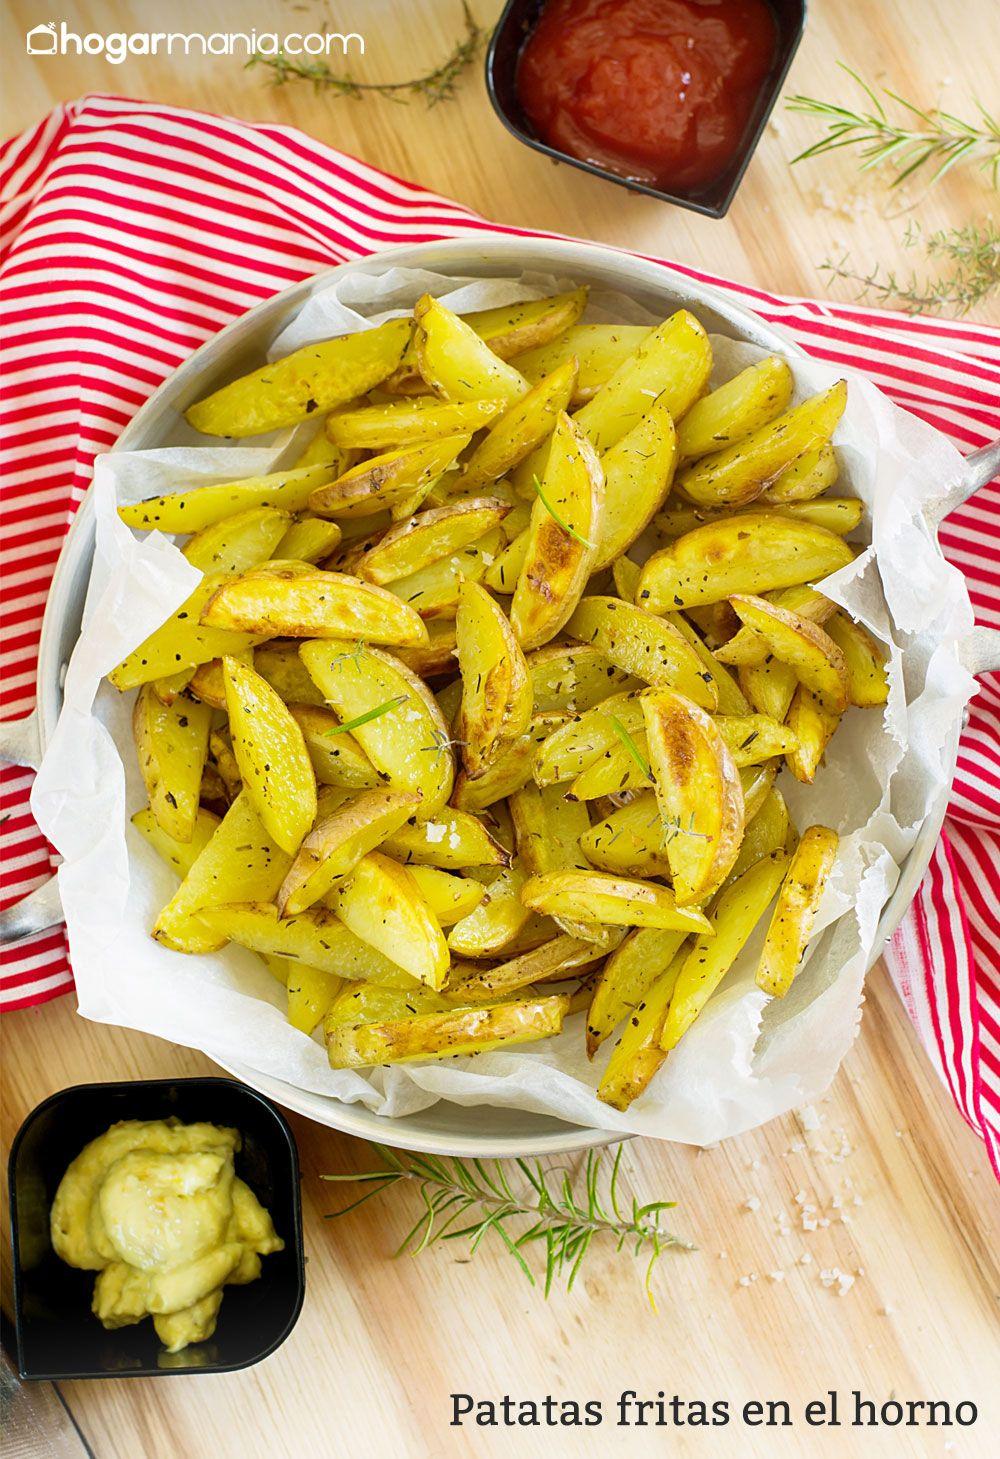 Patatas fritas crujientes en el horno